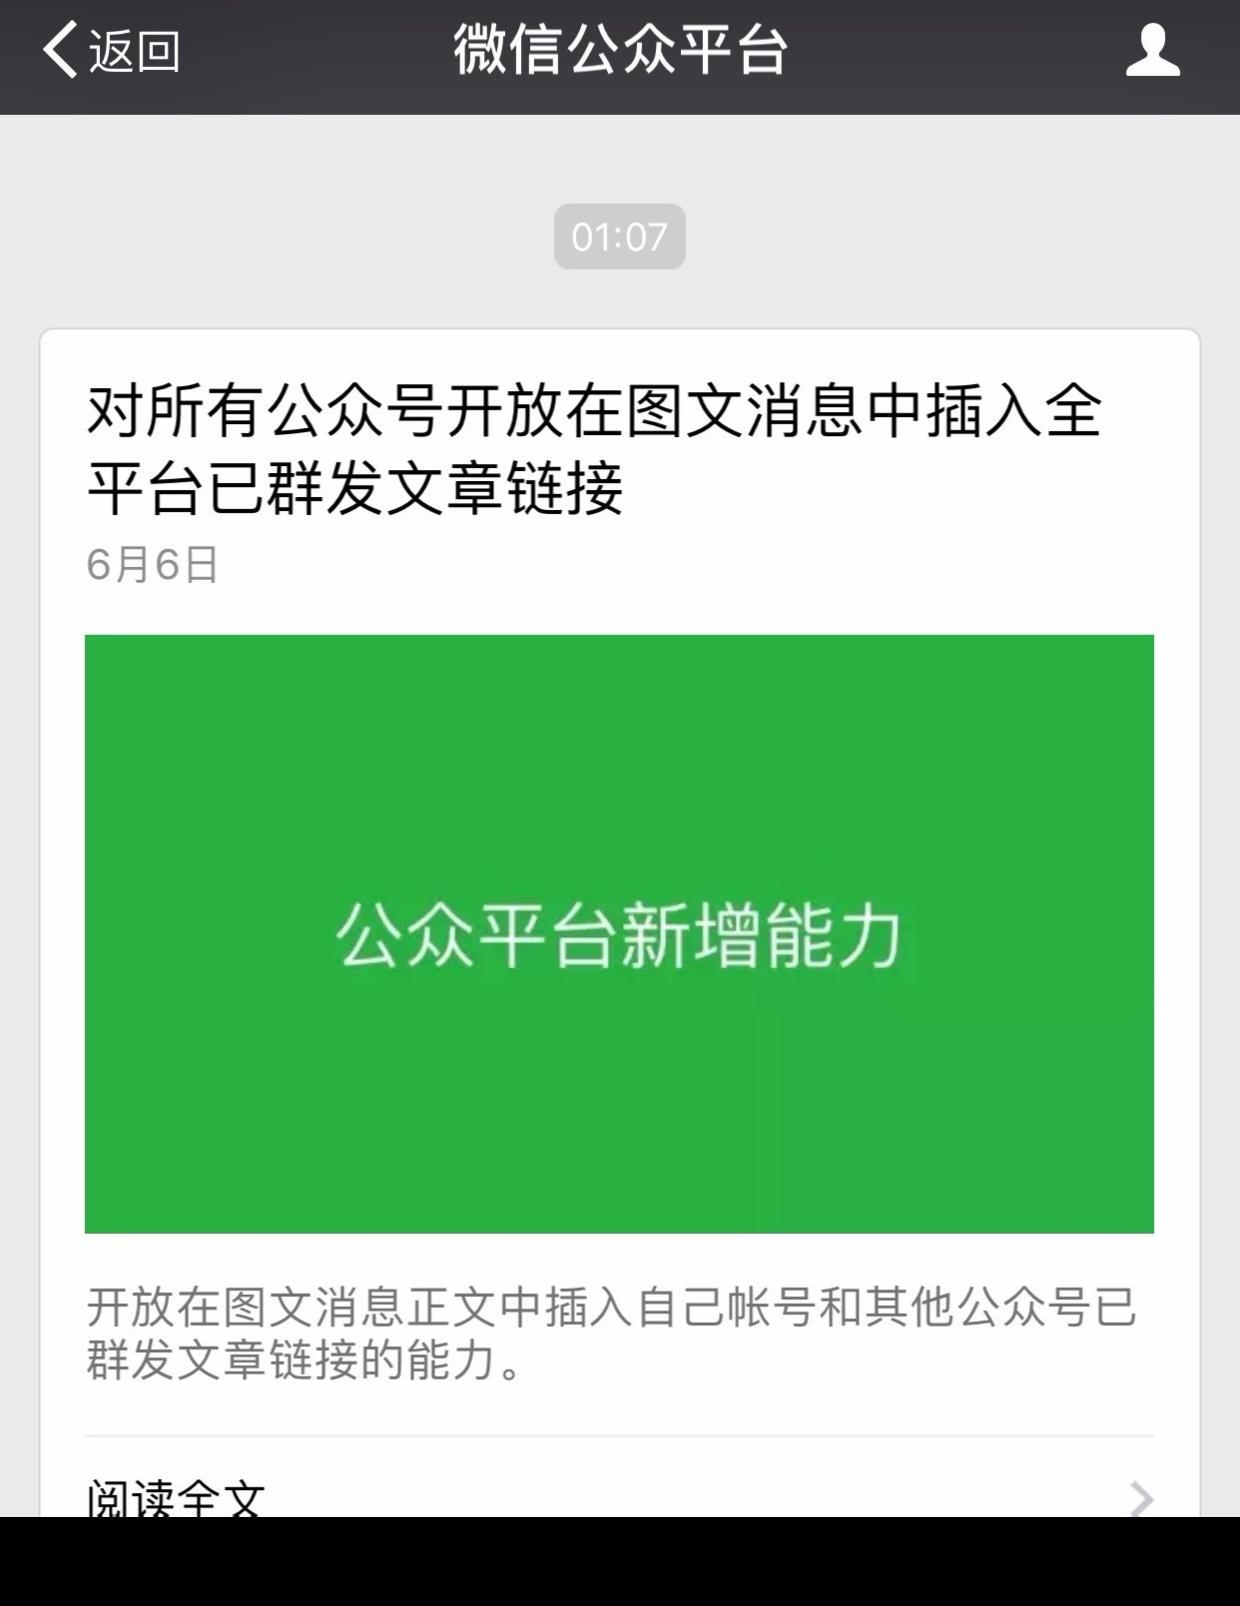 微信开放公众号链接,张小龙:我只不过打了个喷嚏 | 人人都是产品经理